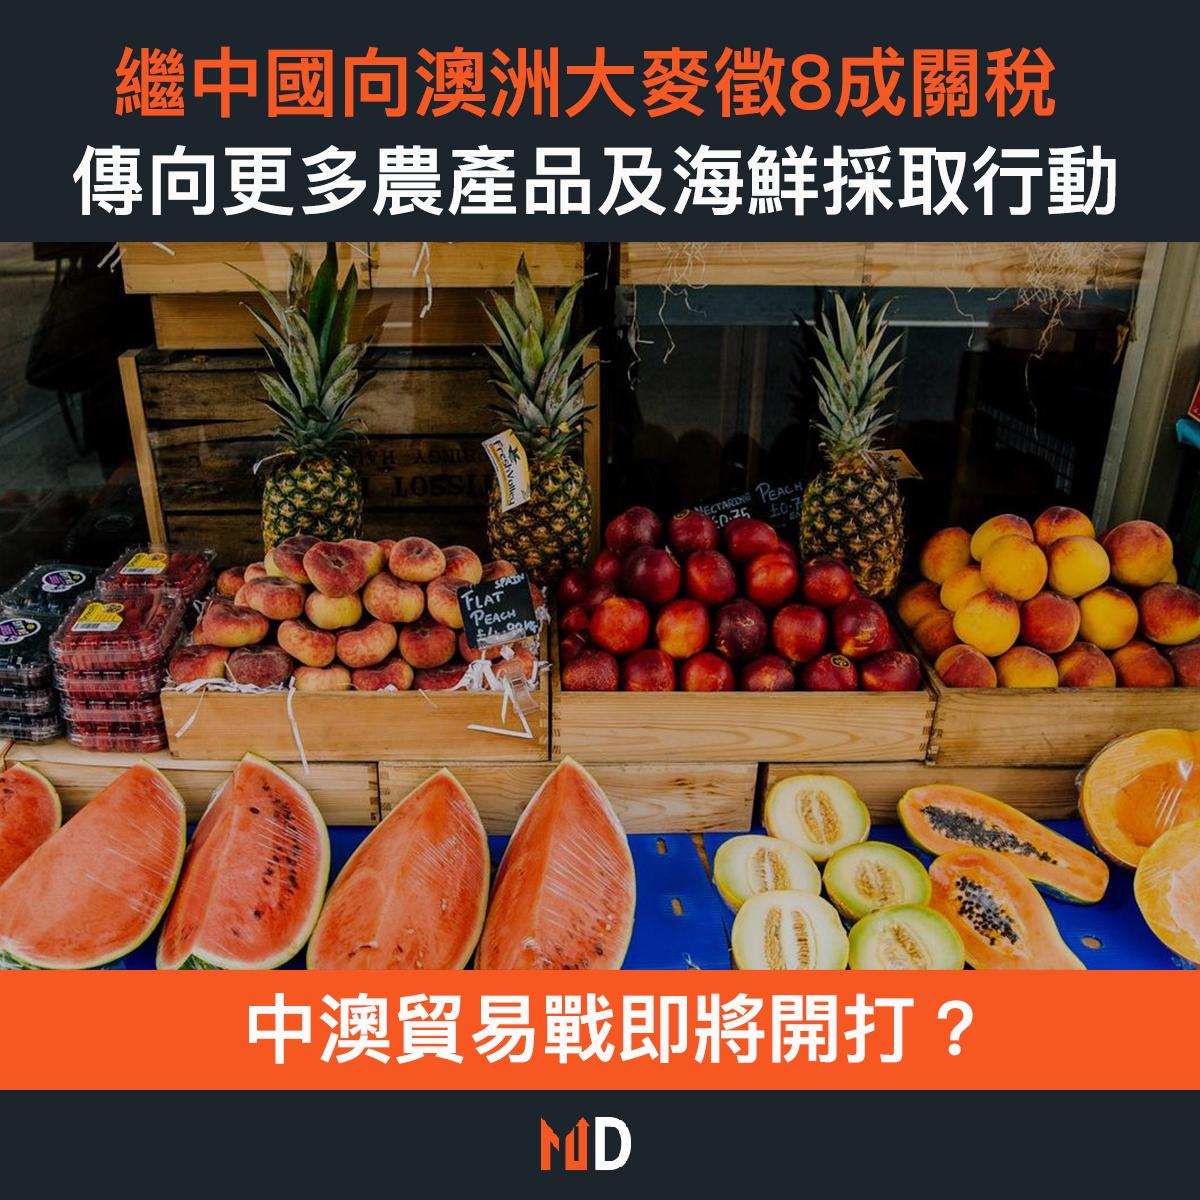 【市場熱話】繼中國向澳洲大麥徵8成關稅,傳向更多農產品及海鮮採取行動